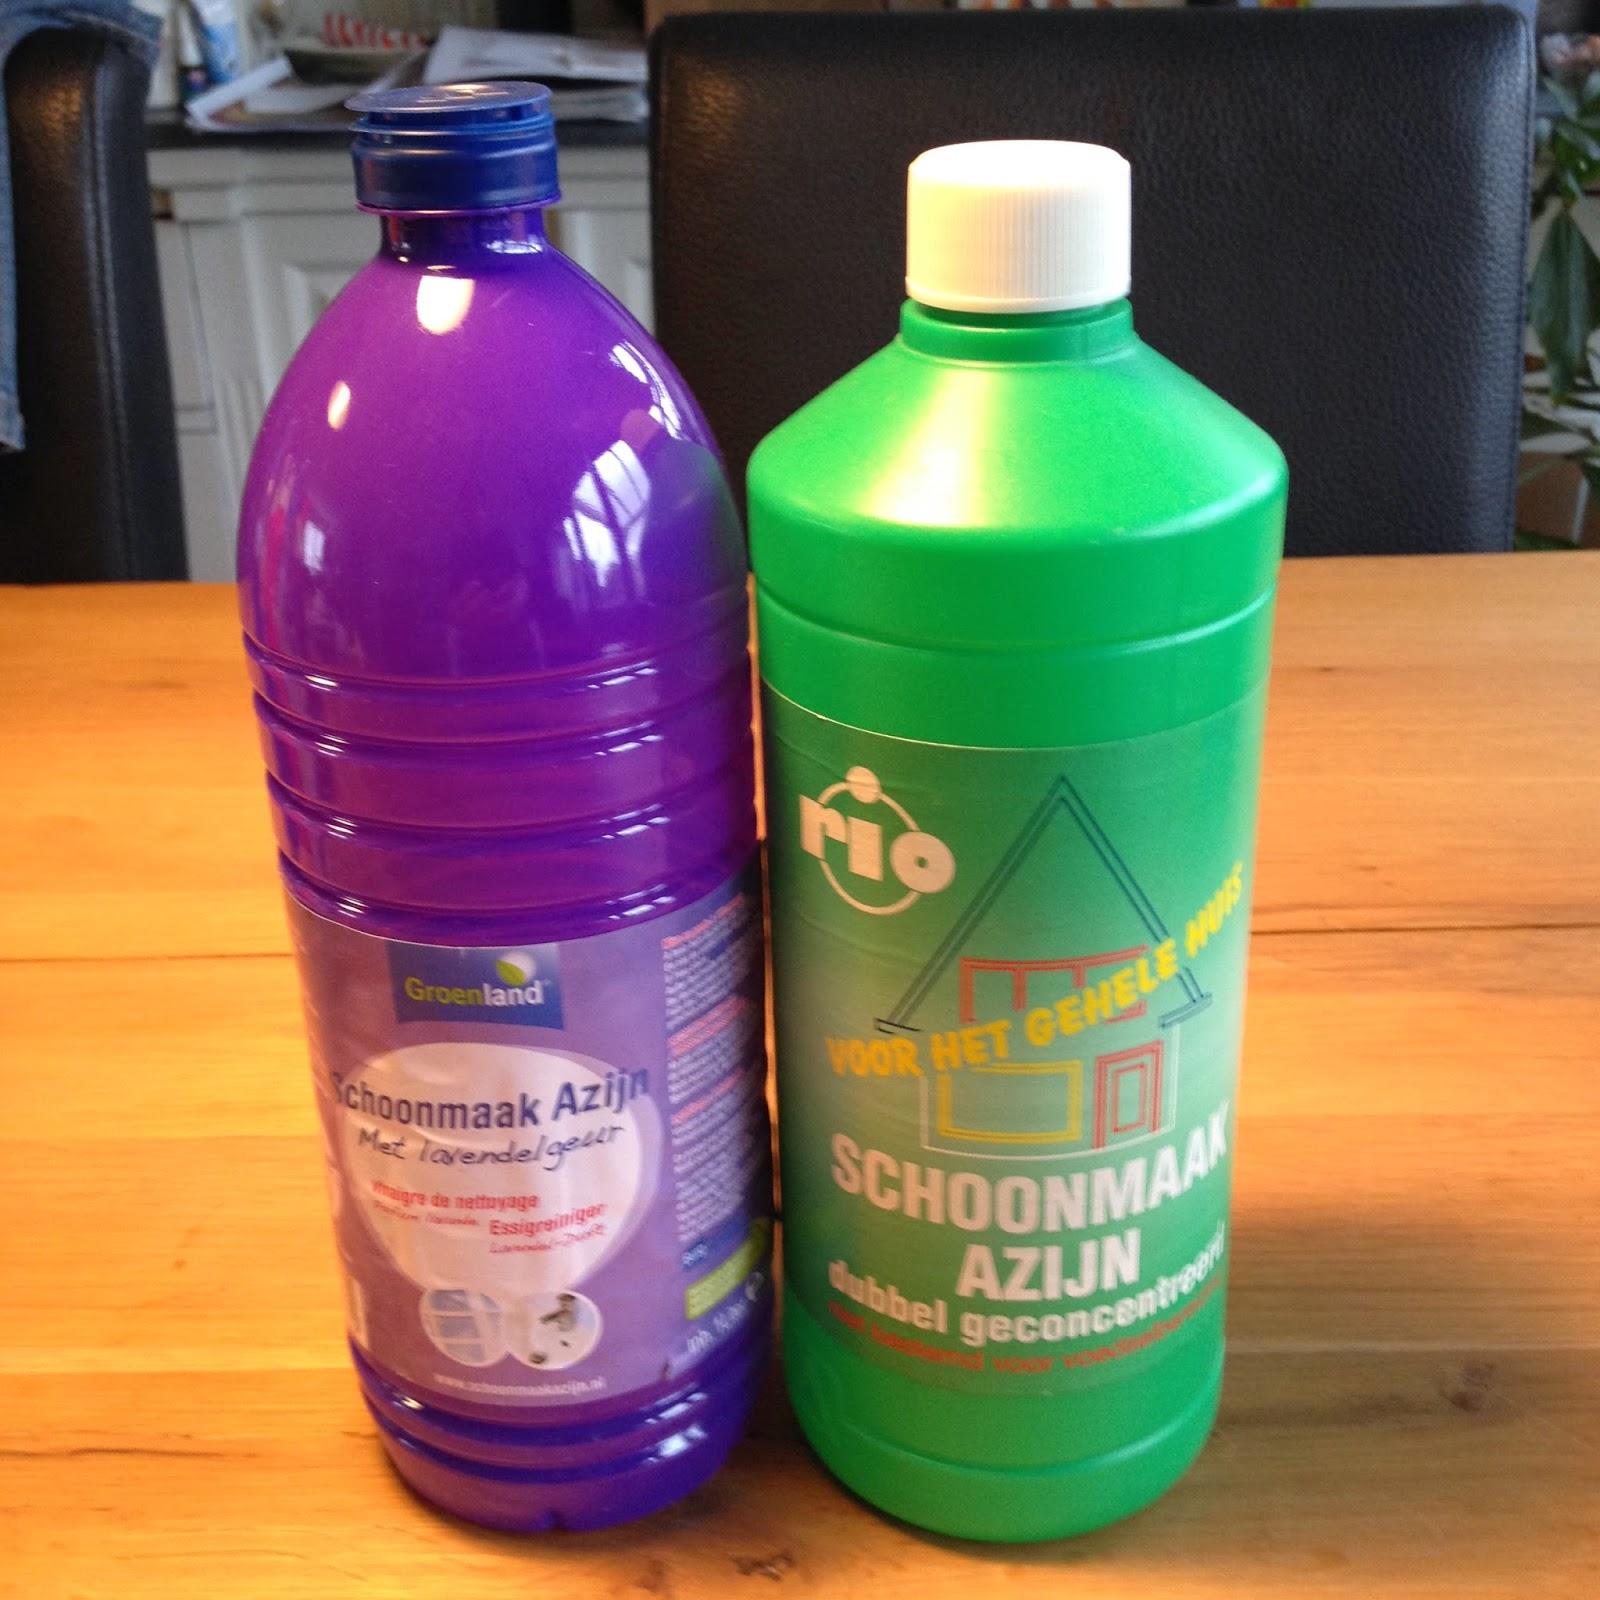 plastic en schoonmaakazijn